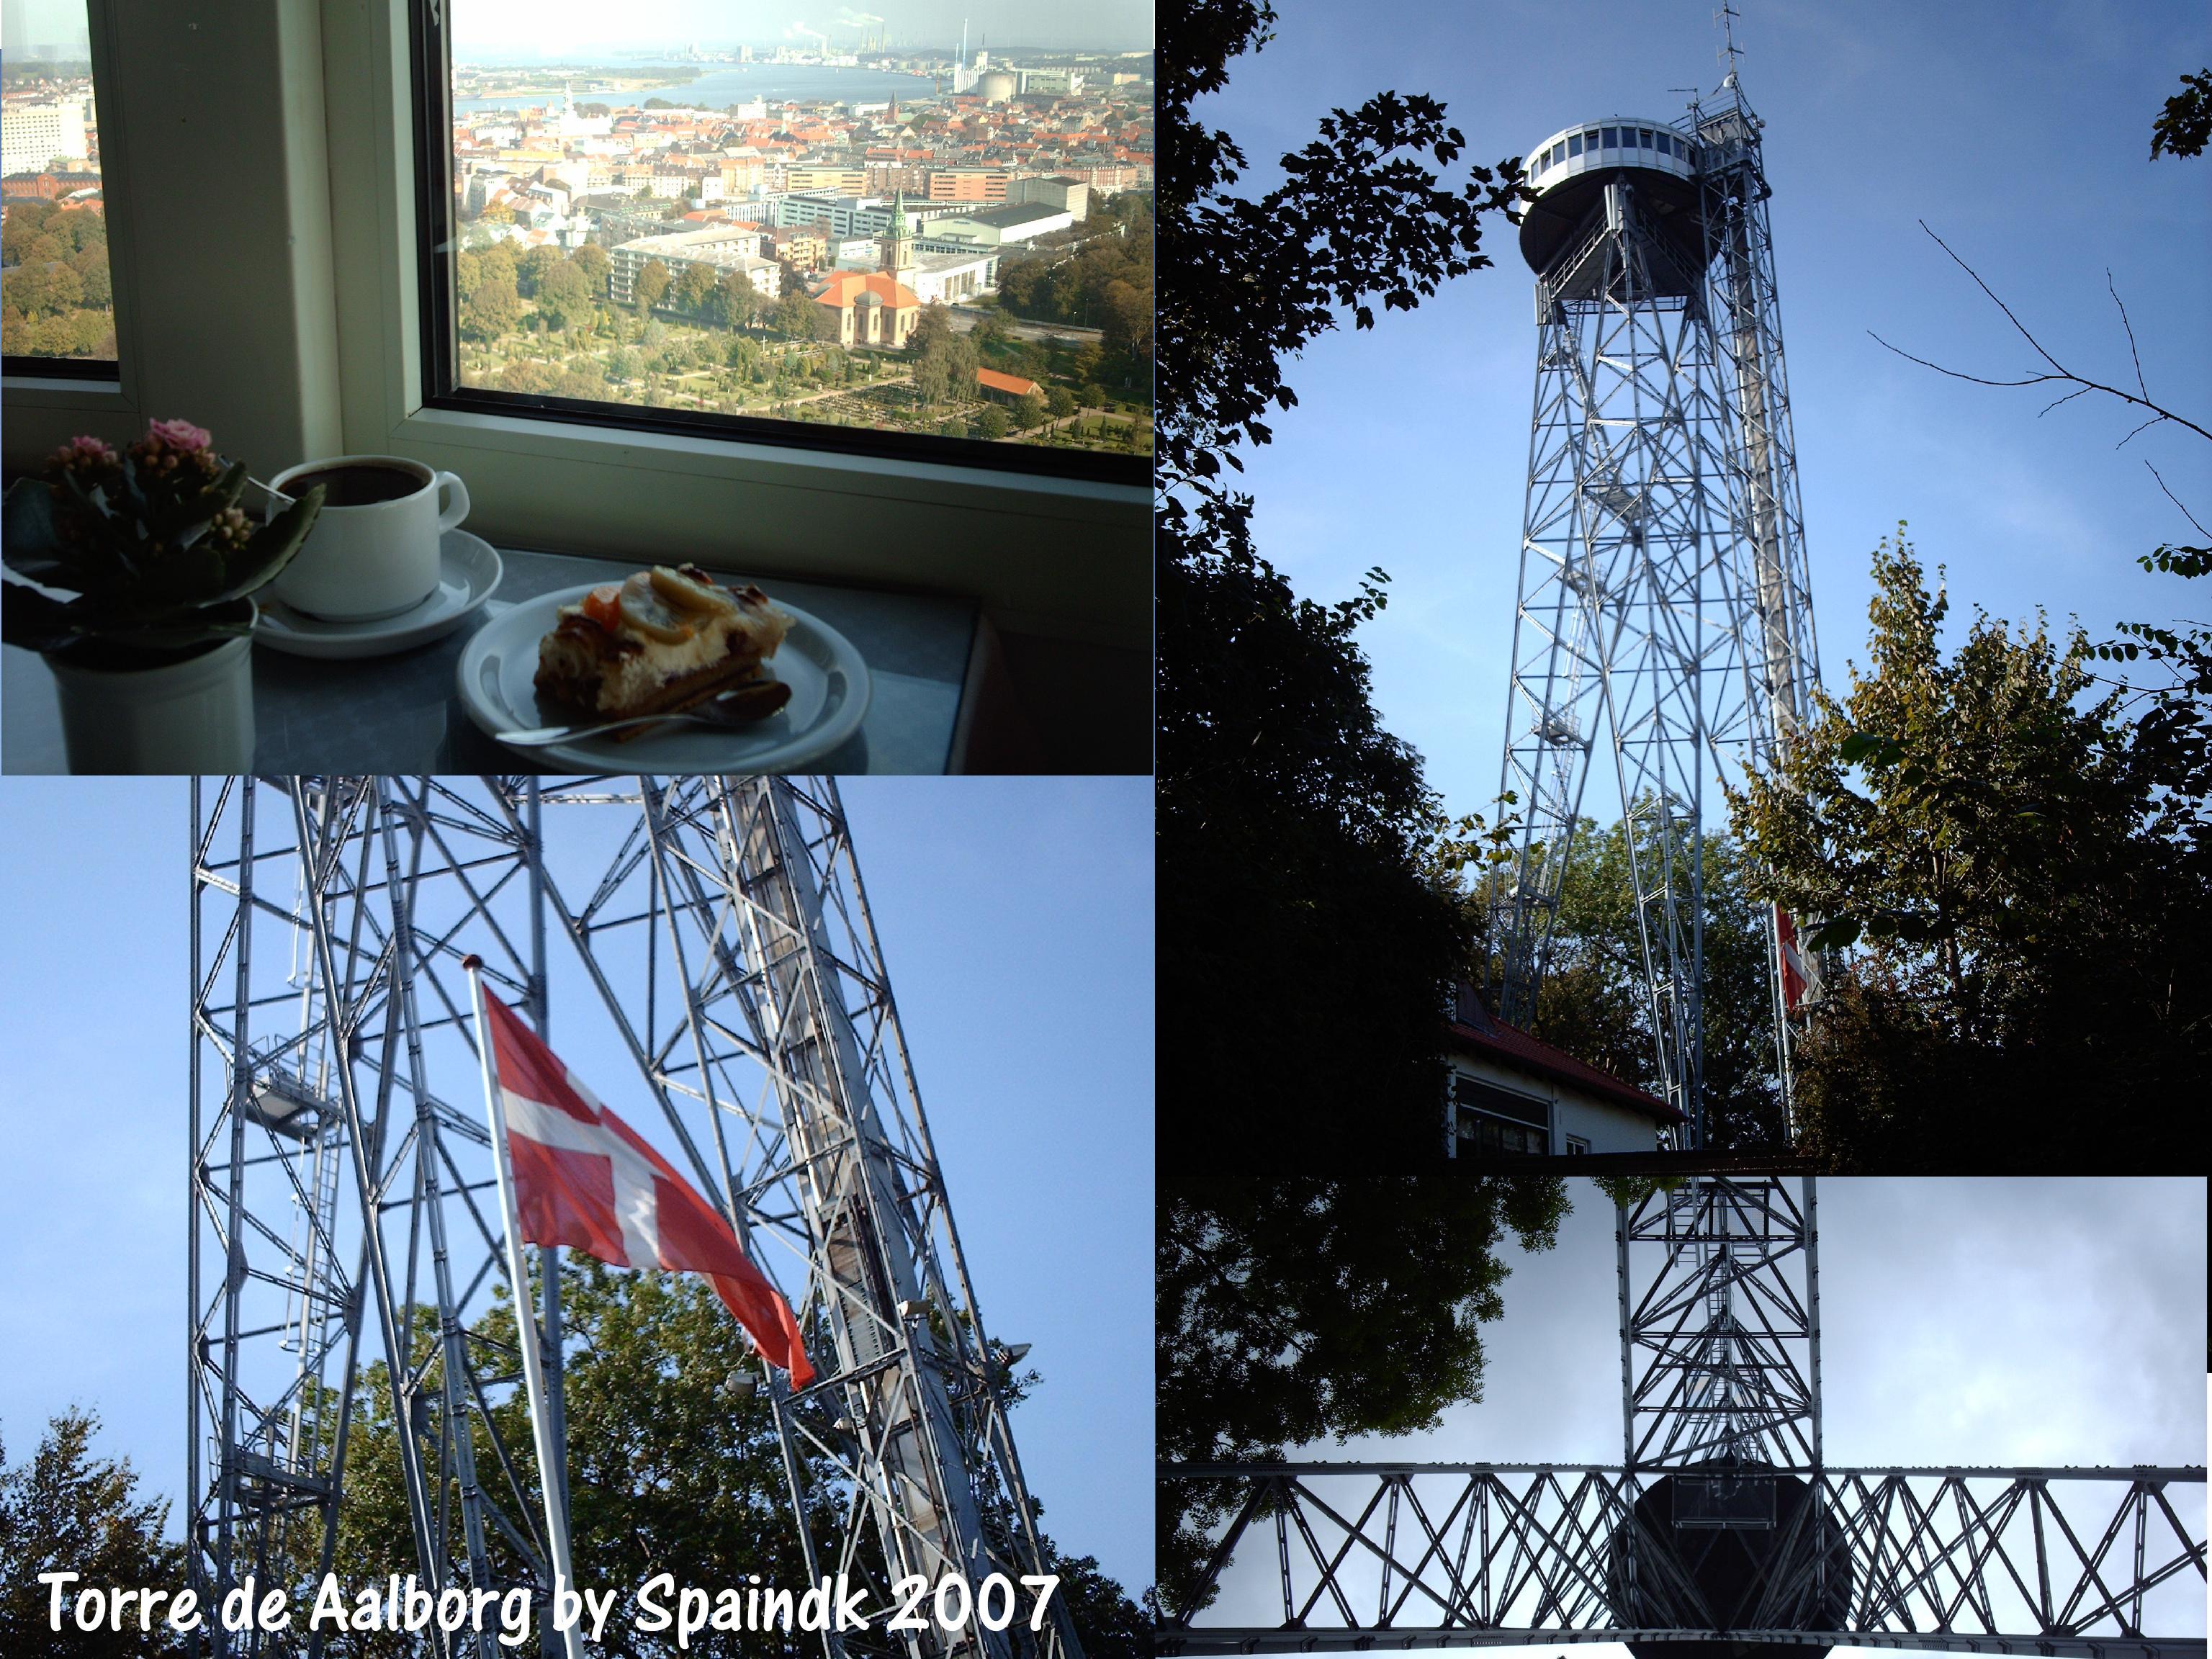 Torre de Aalborg